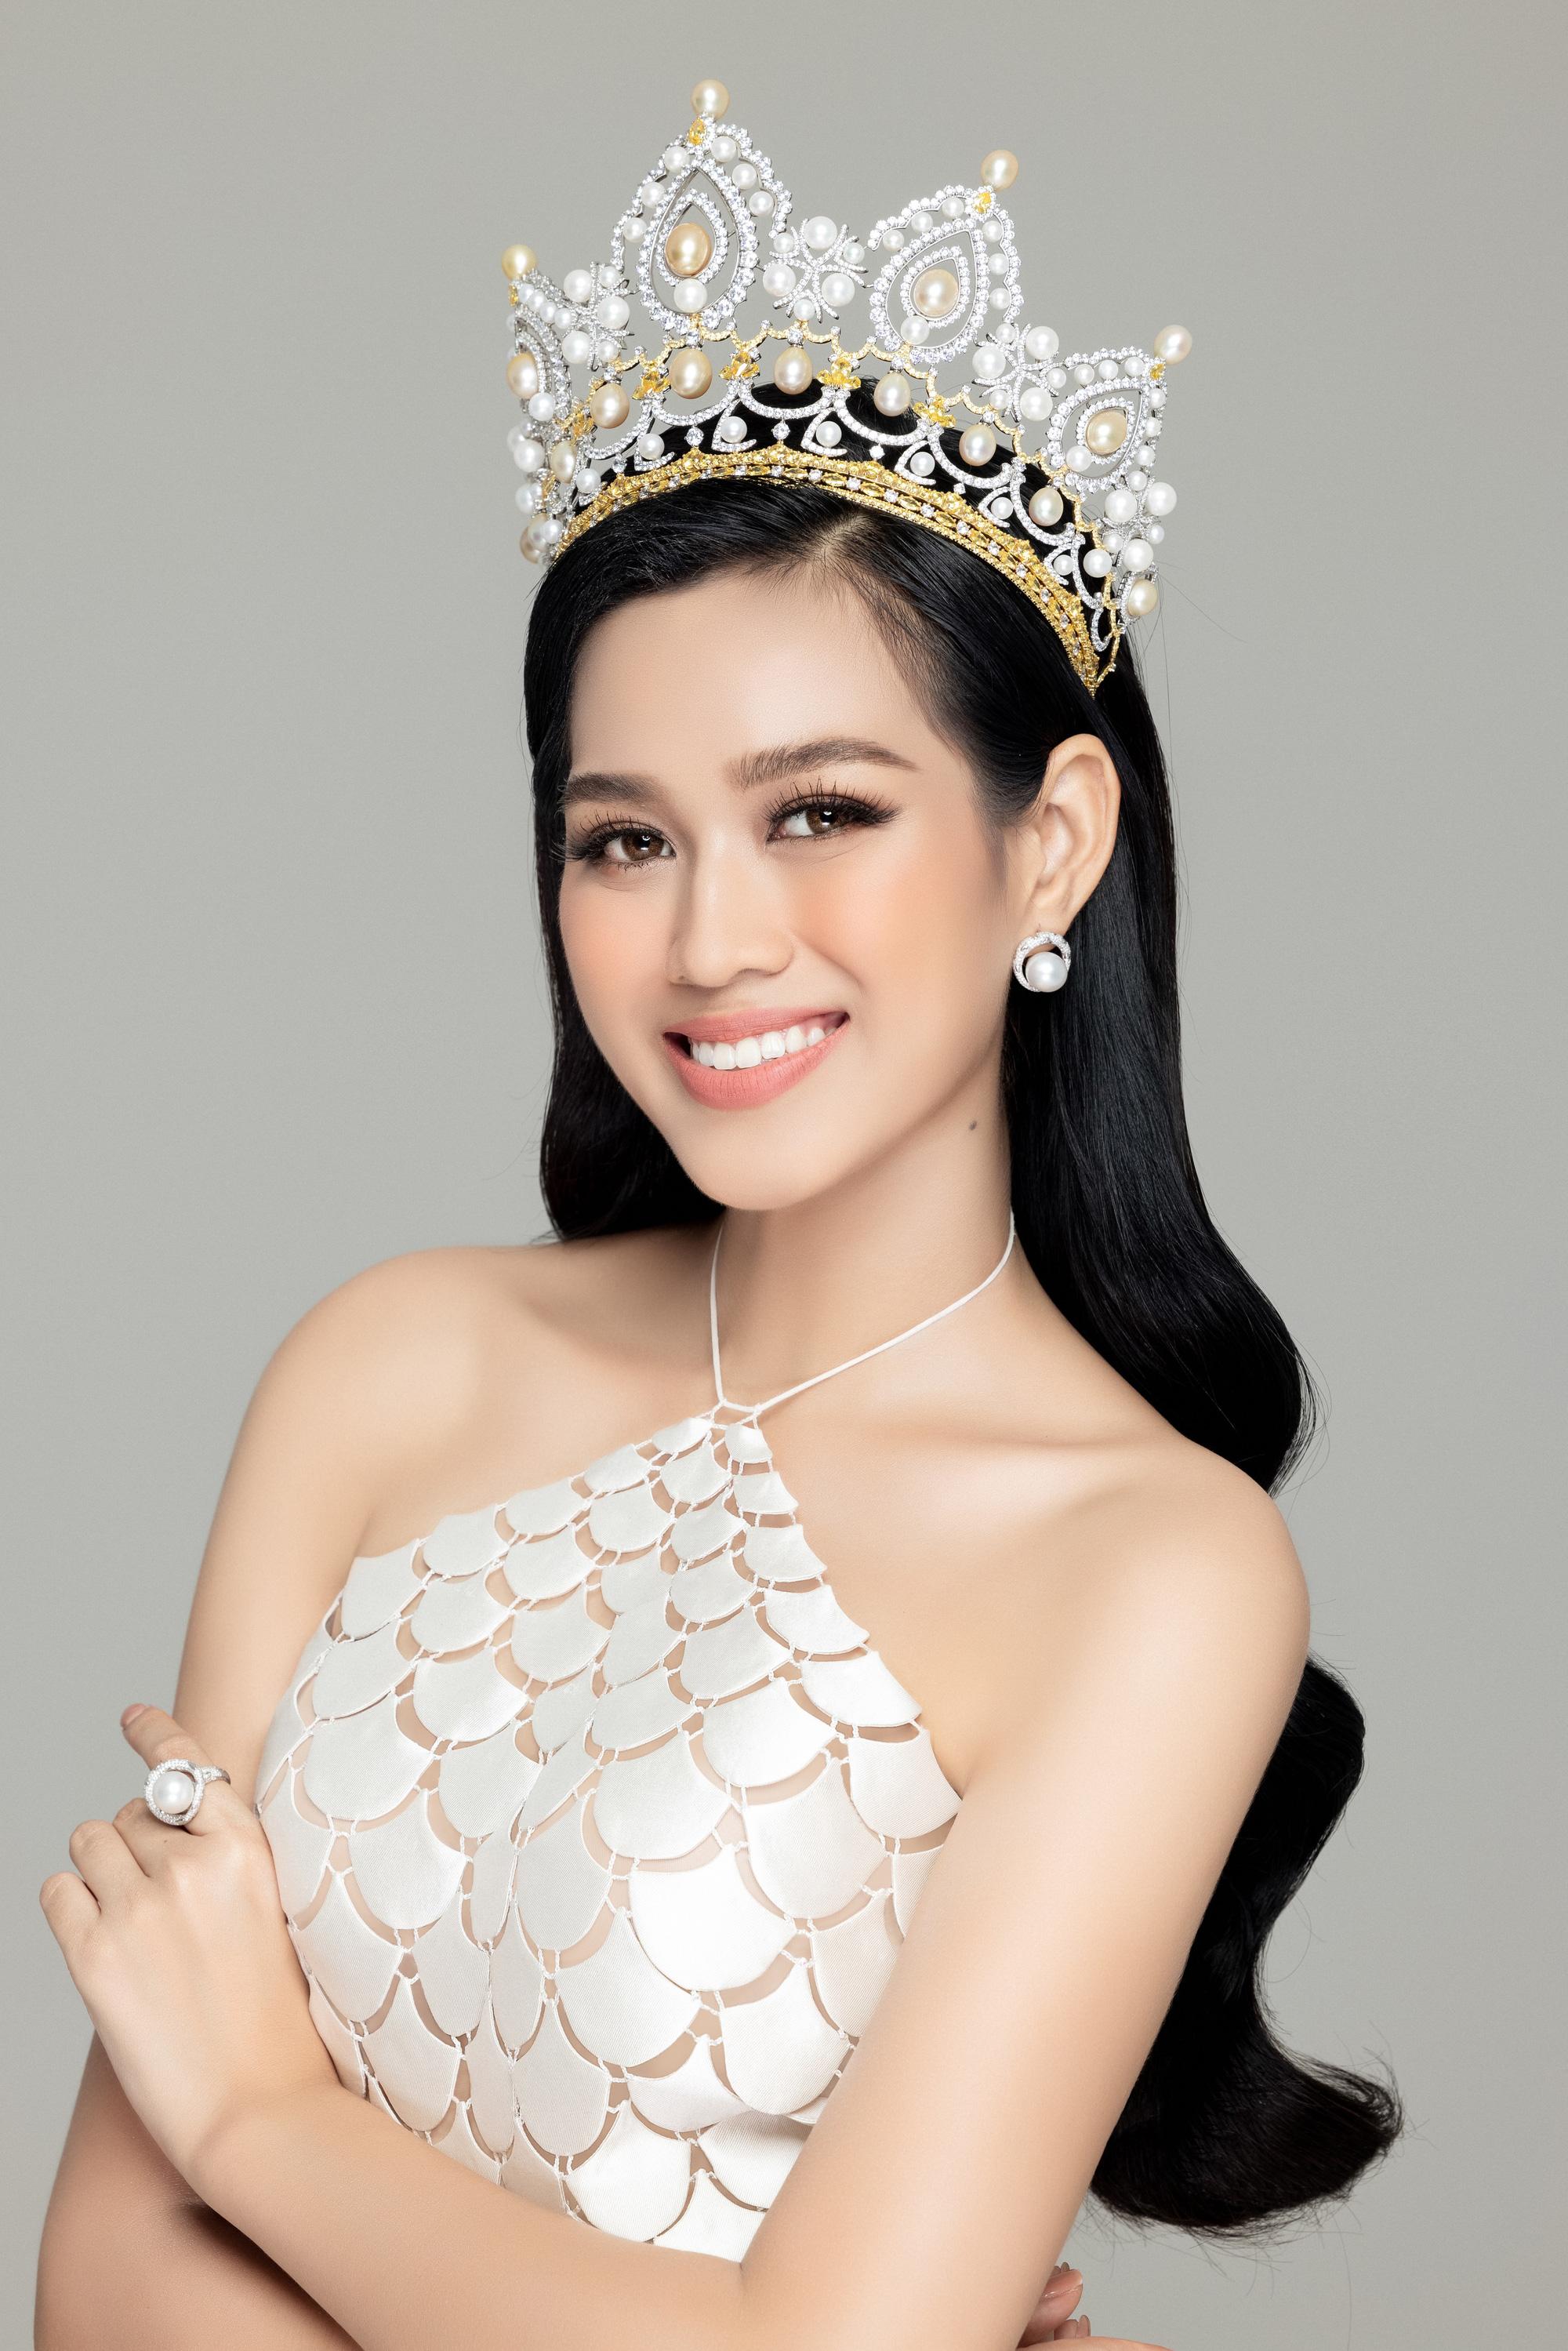 """Hoa hậu Đỗ Thị Hà: """"19 tuổi đăng quang, không phải là áp lực"""" - Ảnh 1."""